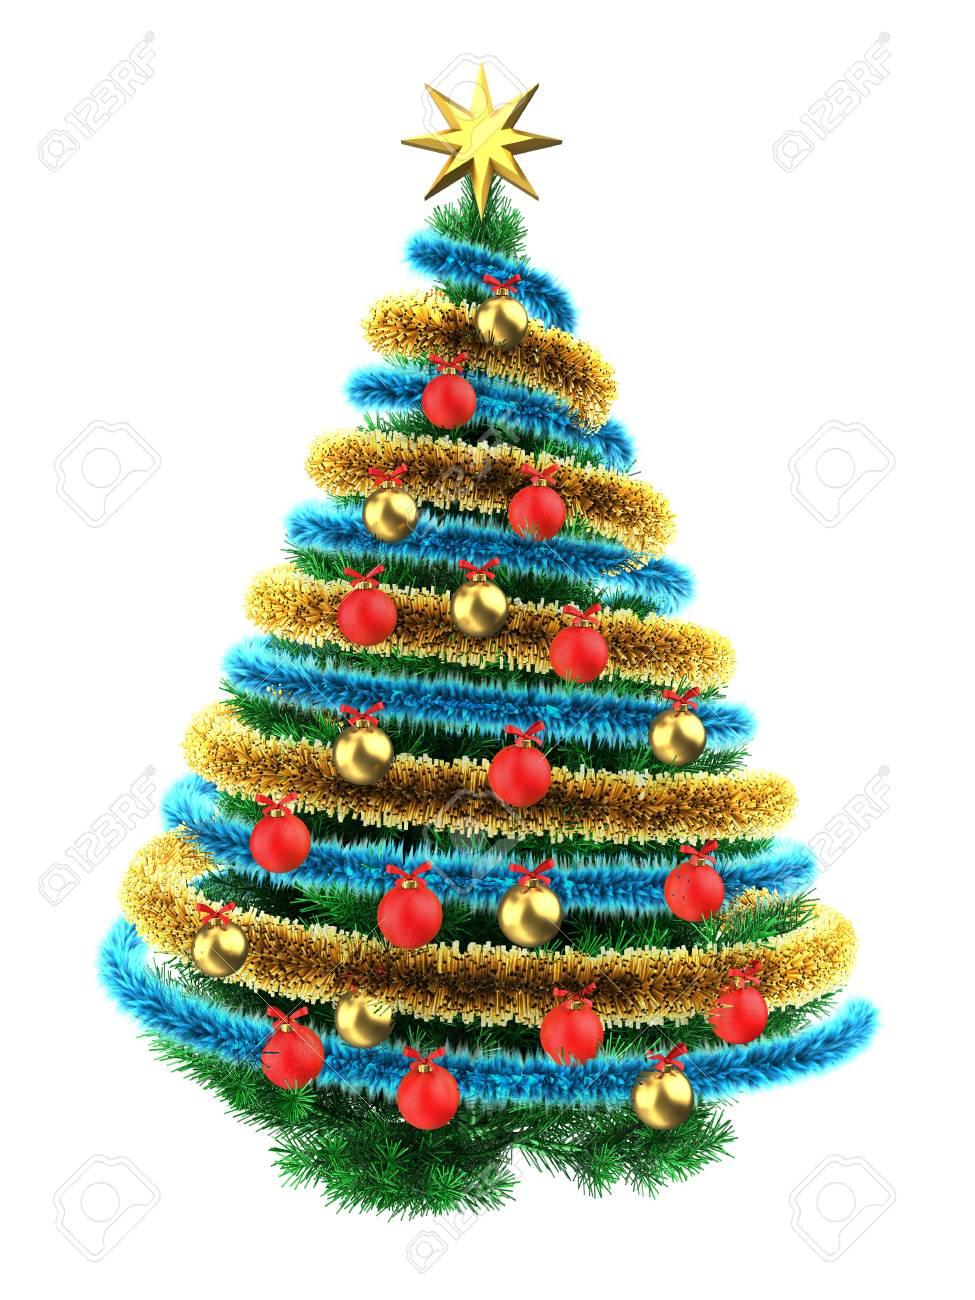 Foto Dell Albero Di Natale.Illustrazione 3d Dell Albero Di Natale Sopra Fondo Bianco Con Le Palle Di Rosso Blueand Del Lame